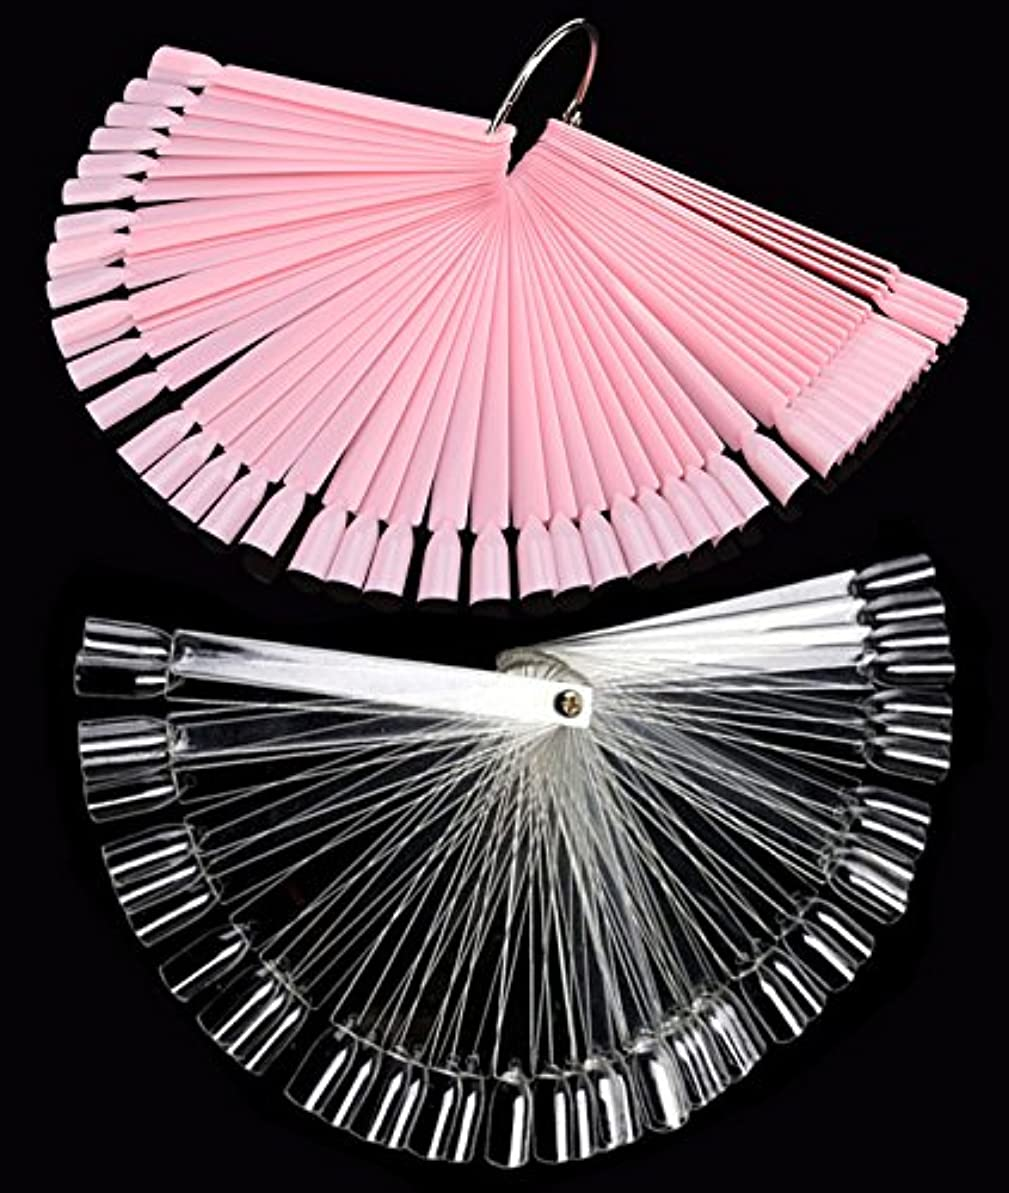 インフレーション大声でフライカイトネイル カラーチャート 100枚 折り畳み式 プロ専用 新人練習用 ネイル カラーチャート